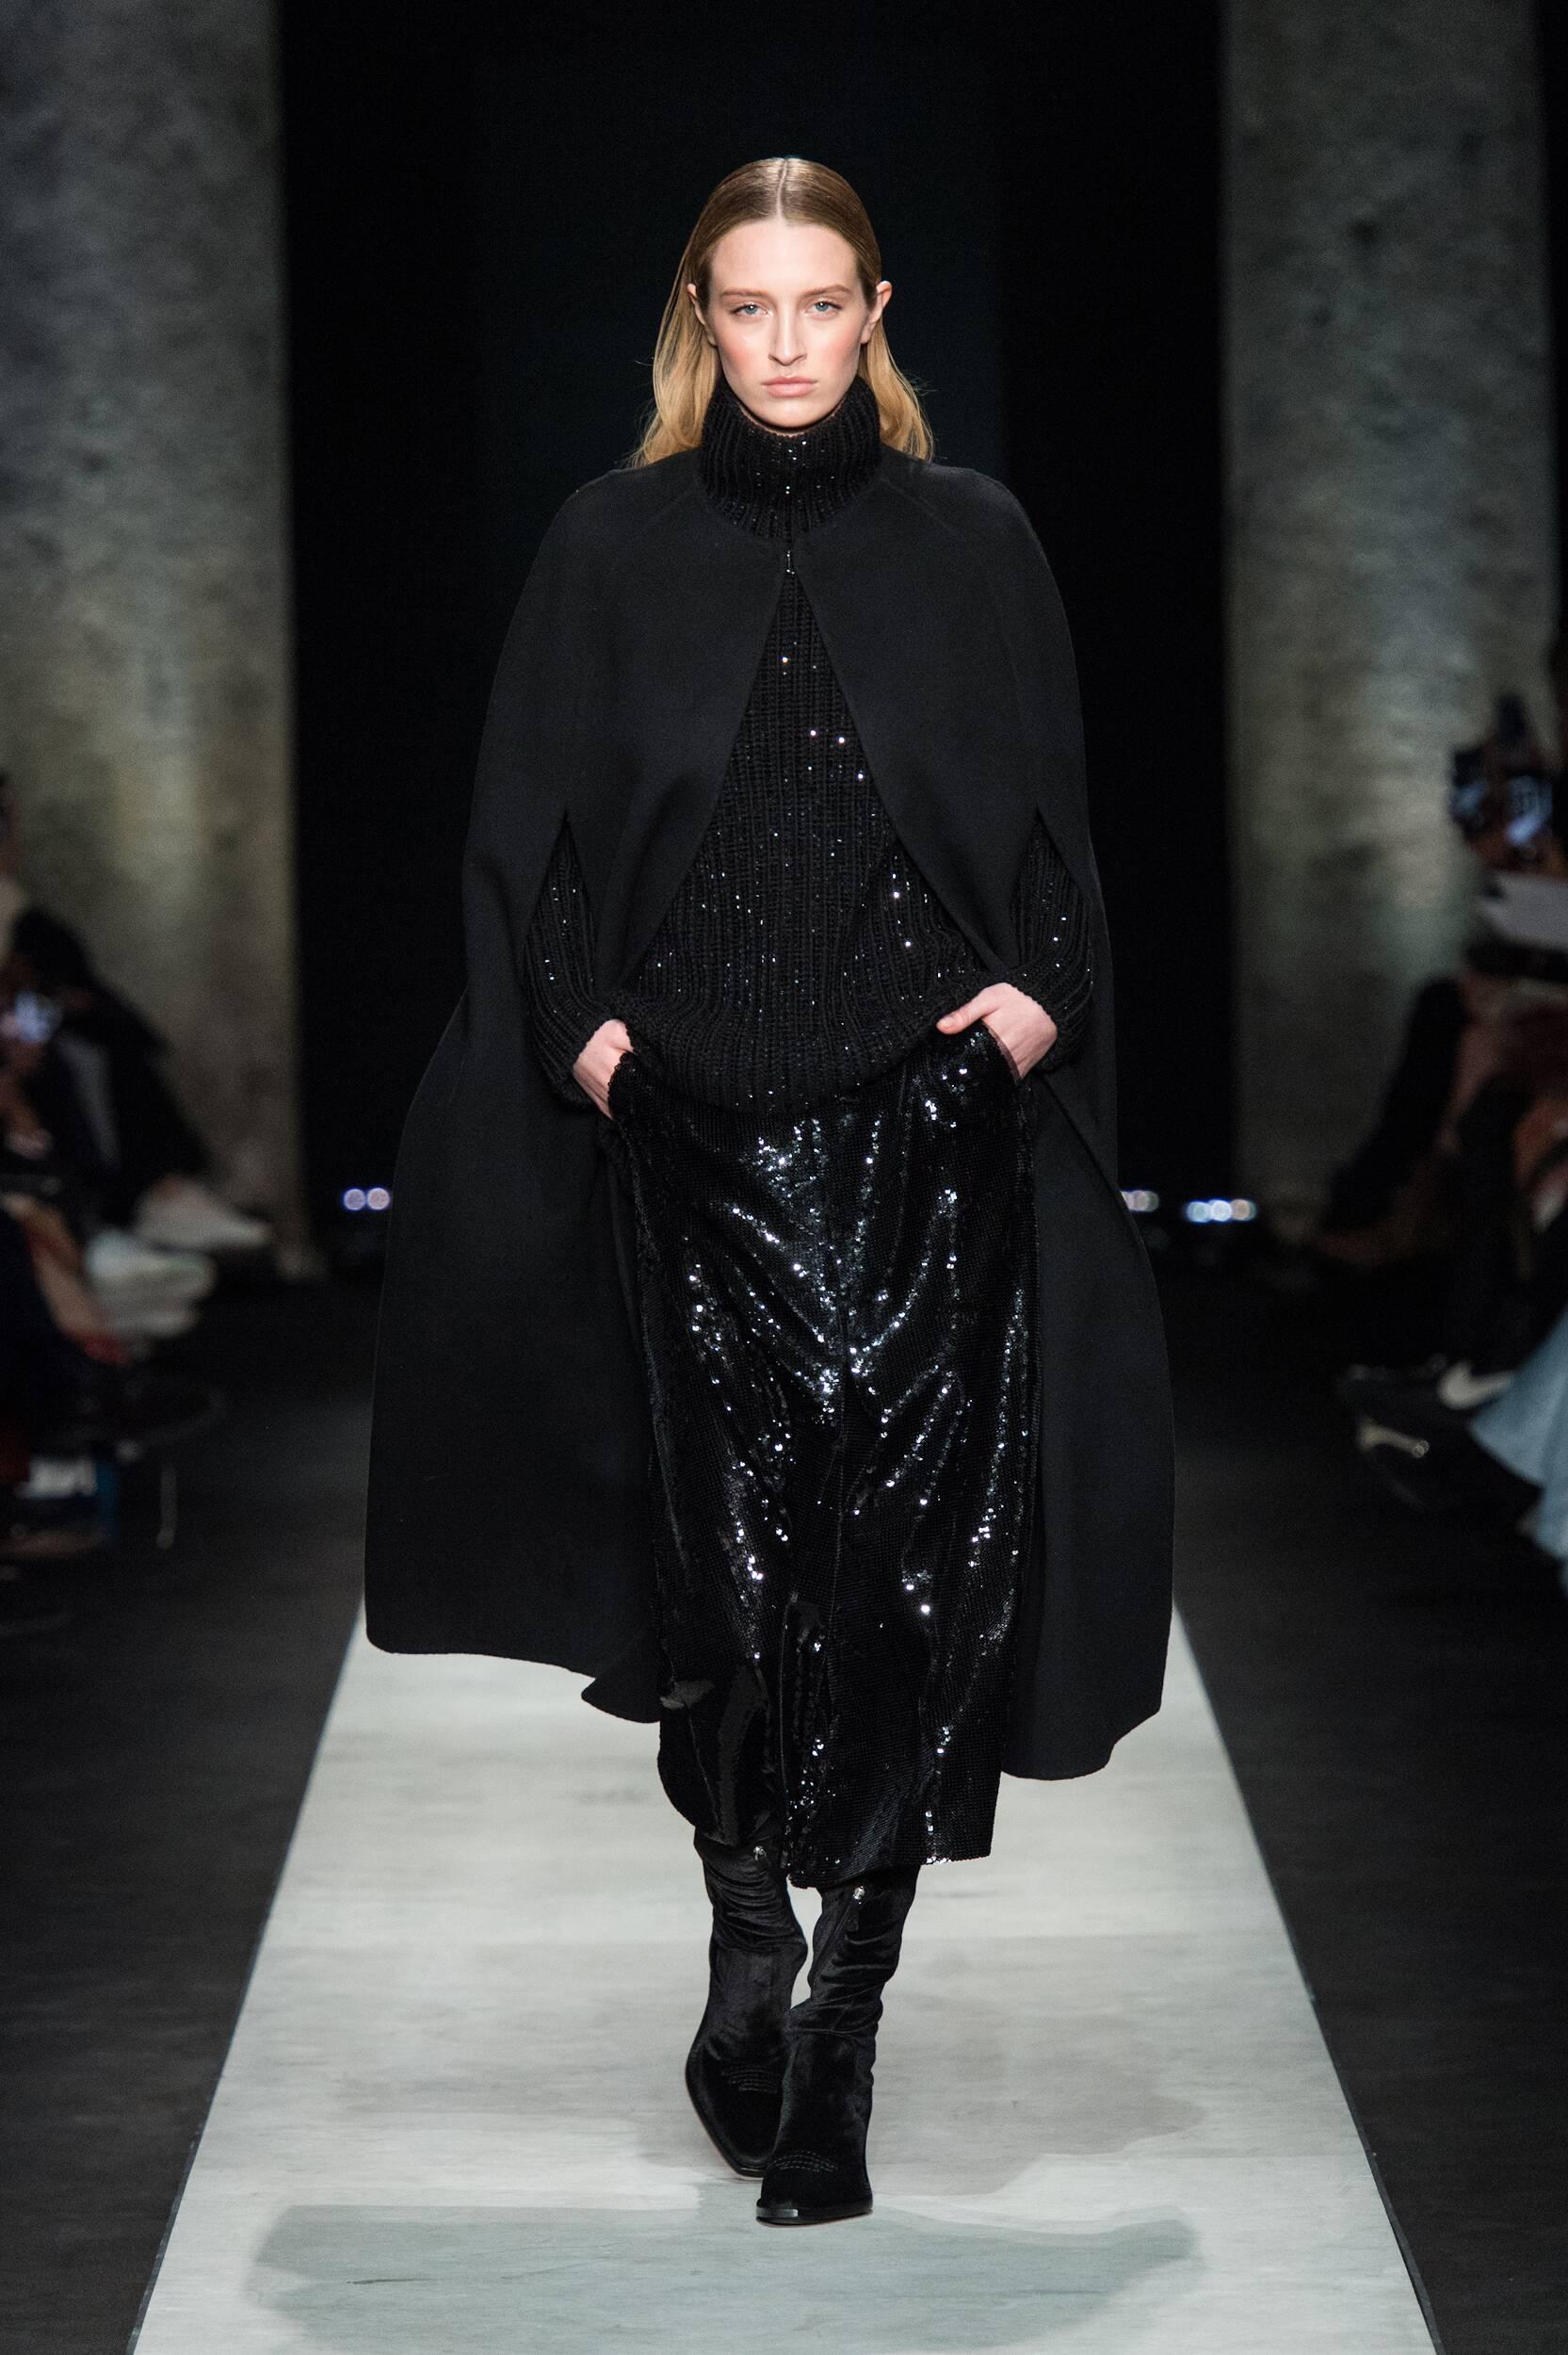 FW 2020-21 Ermanno Scervino Fashion Show Milan